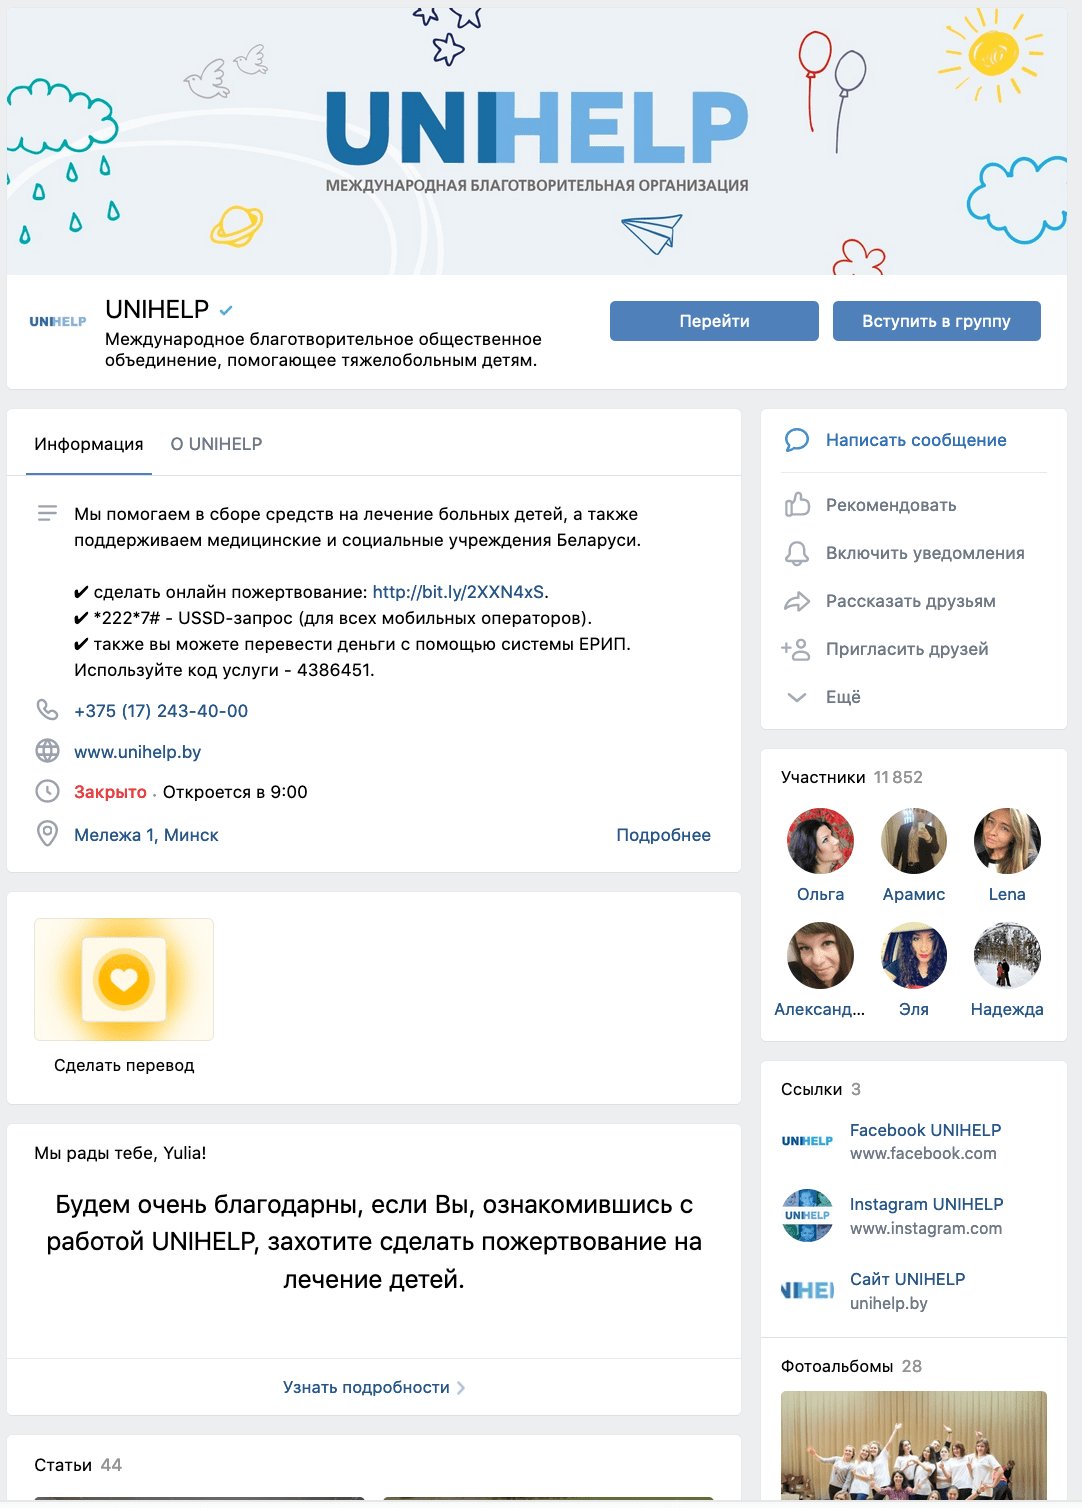 профиль благотворительного фонда в Vkontakte